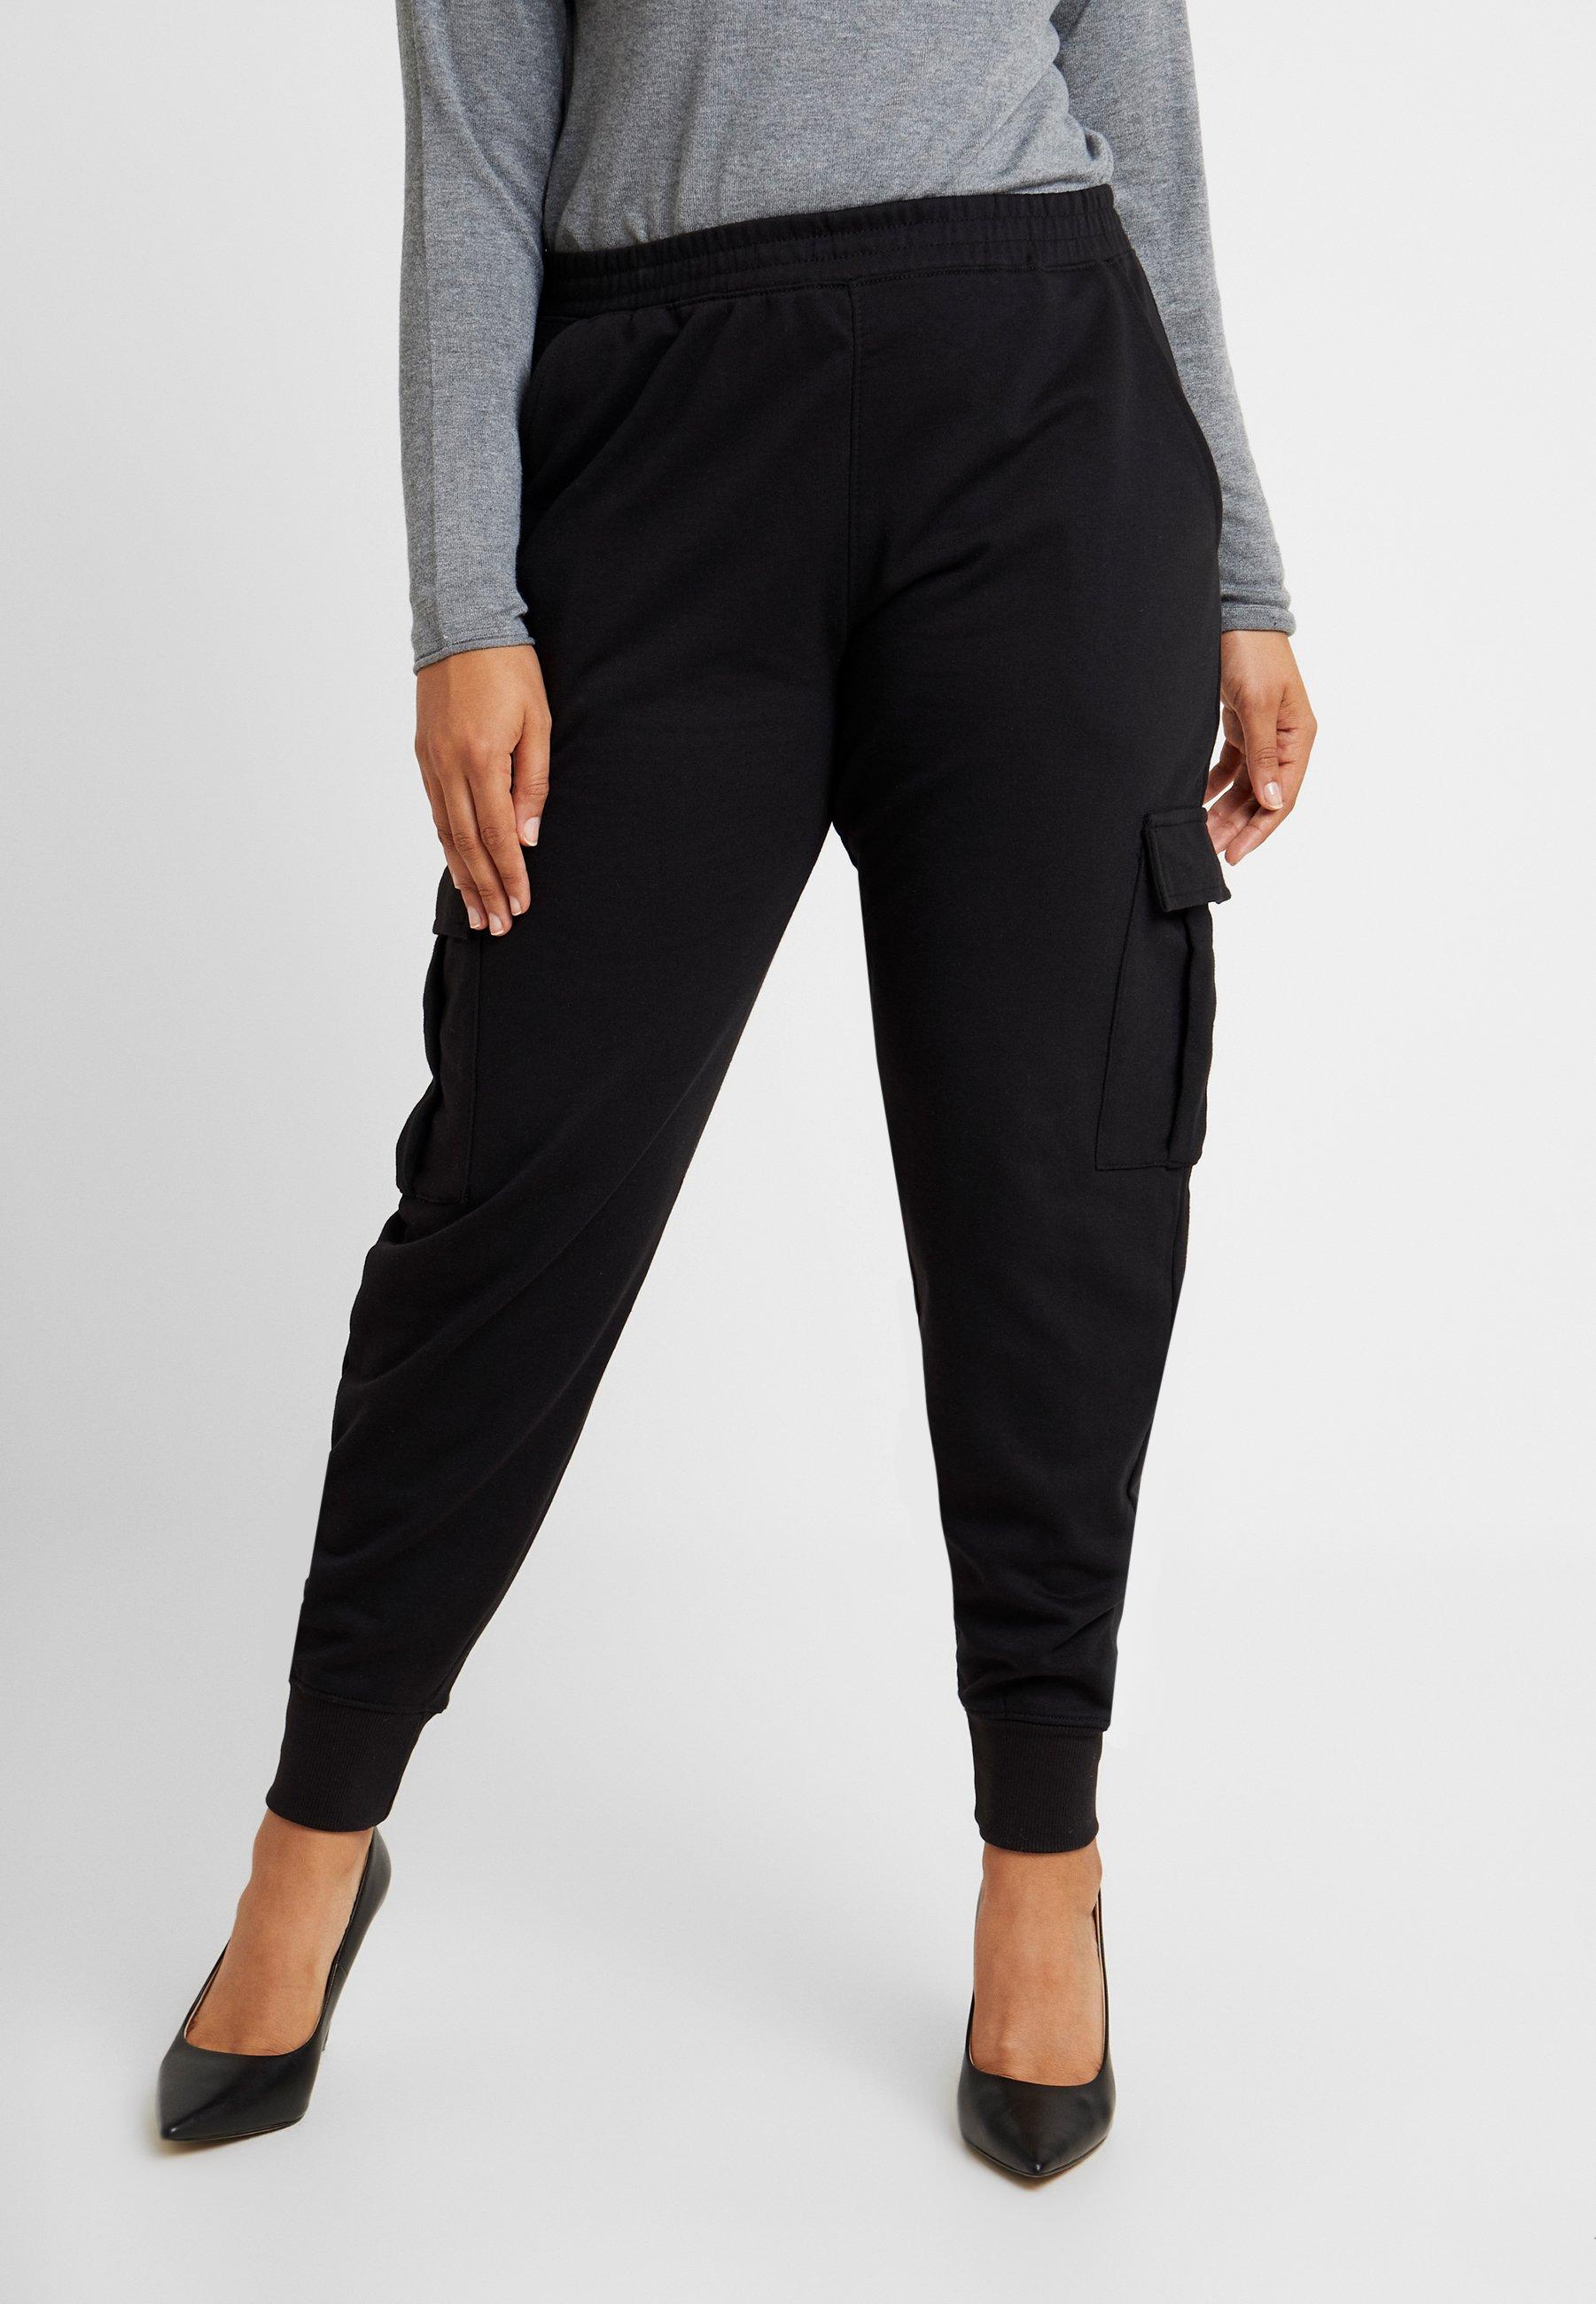 High Plus De WaistedPantalon Missguided Black Utility Pocket Survêtement dshQCtxr